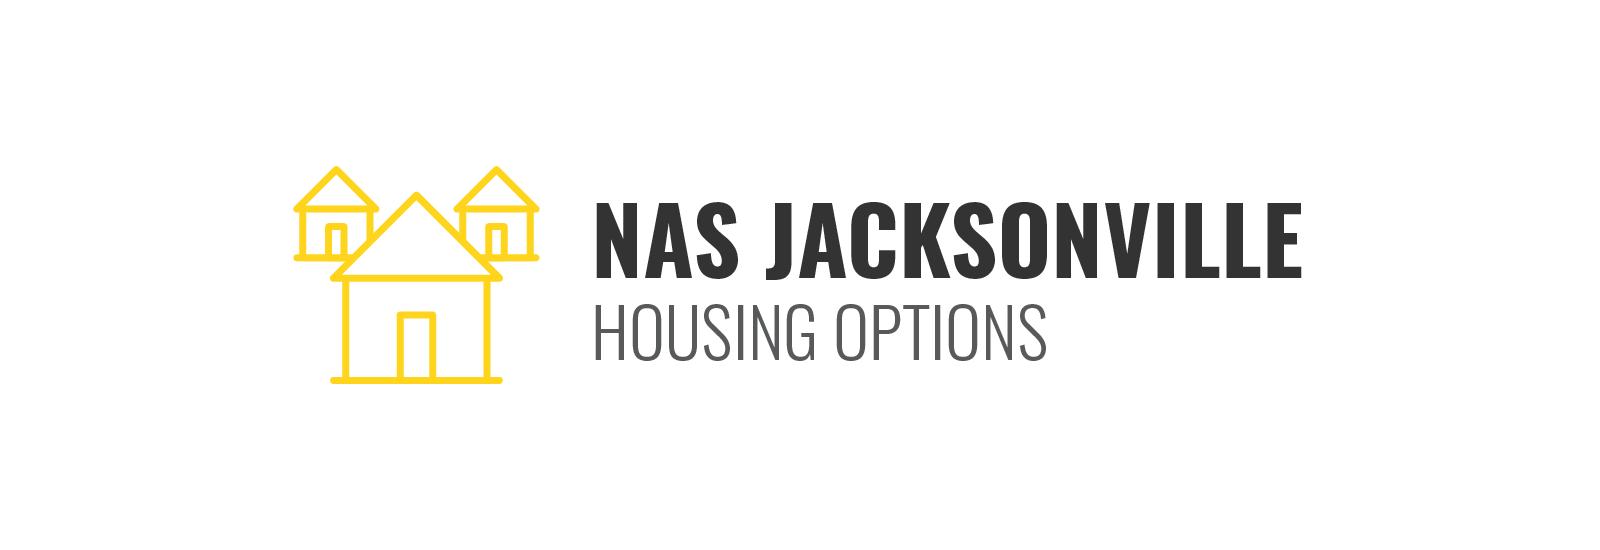 NAS Jacksonville Housing Office